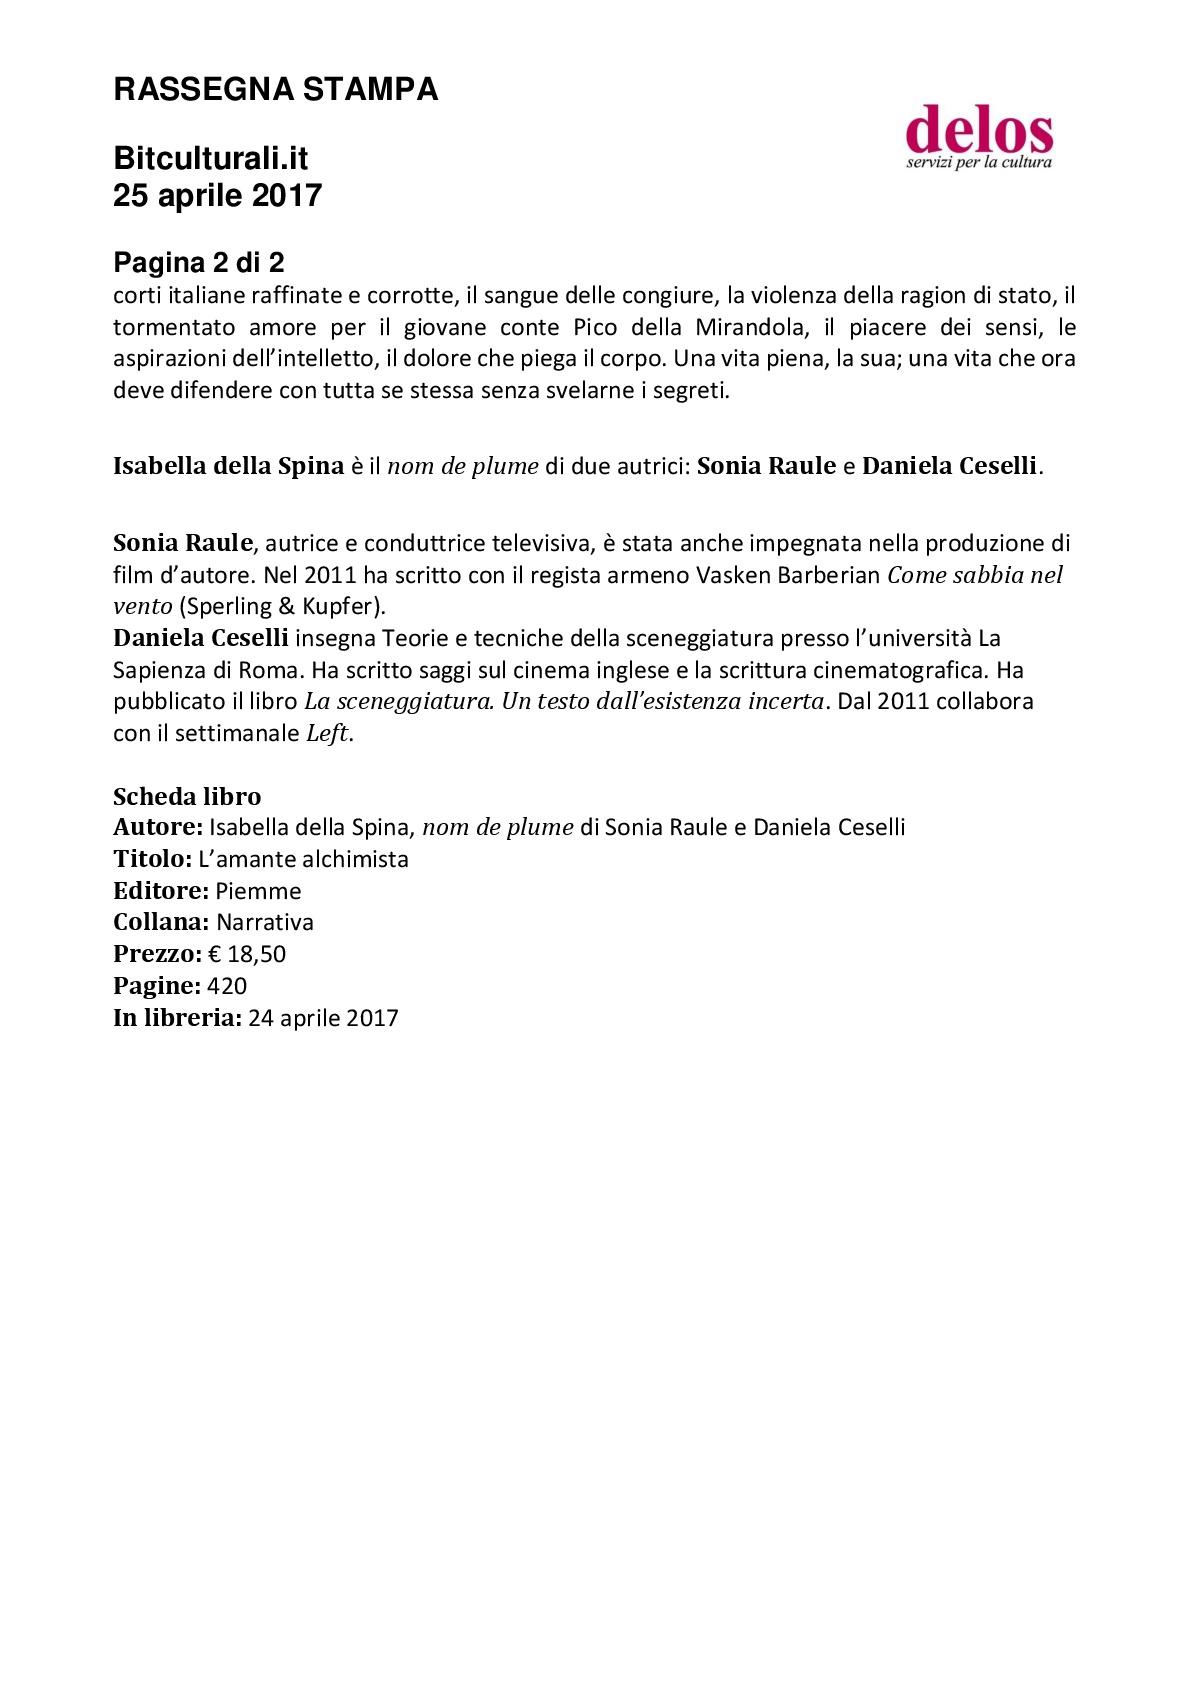 Bitculturali.it 25-04-2017 002